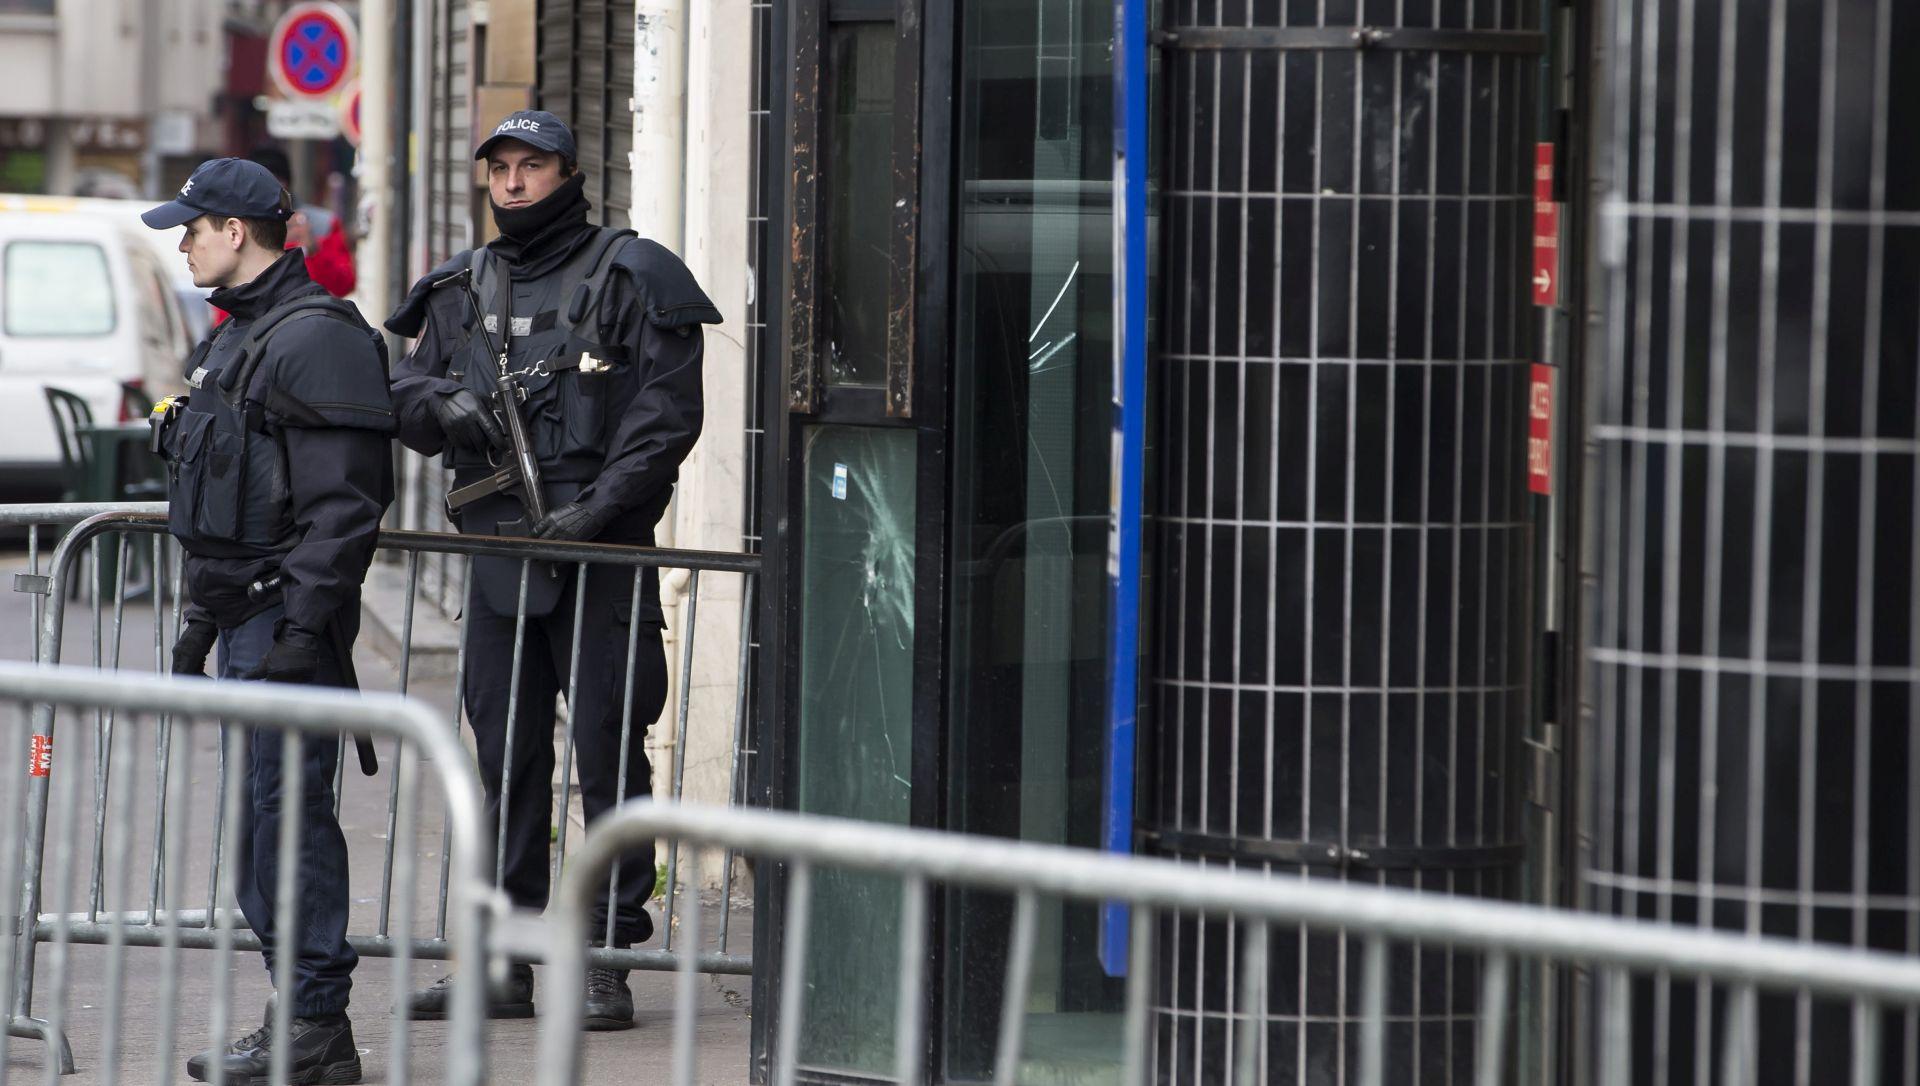 PROTUTERORISTIČKI STRUČNJACI UPOZORAVAJU Sprema se 'Europski 11. rujan'?